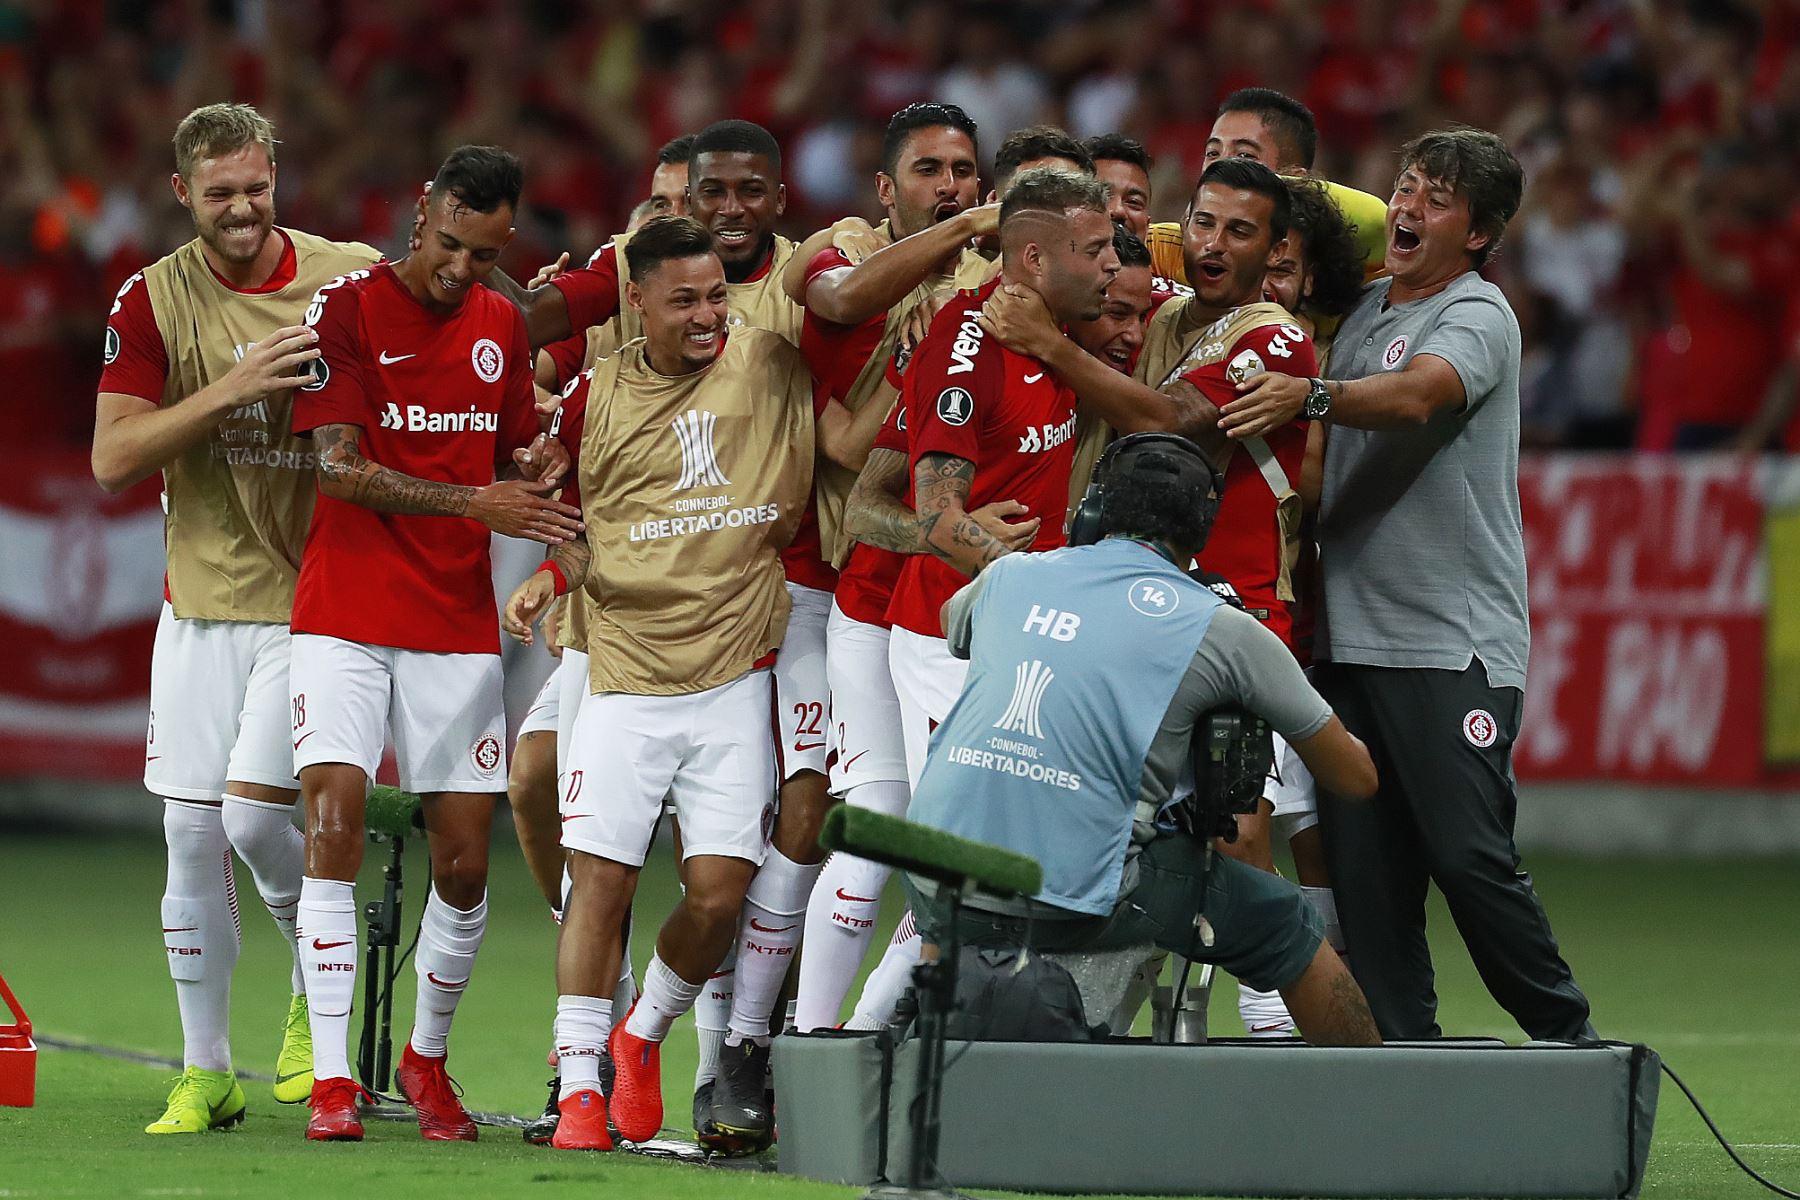 El uruguayo Nicolás López, del Internacional de Brasil, celebra con sus compañeros de equipo luego de anotar contra la Alianza Lima, durante el partido de la Copa Libertadores en el Estadio Beira Río en Porto Alegre, Brasil. Foto: AFP